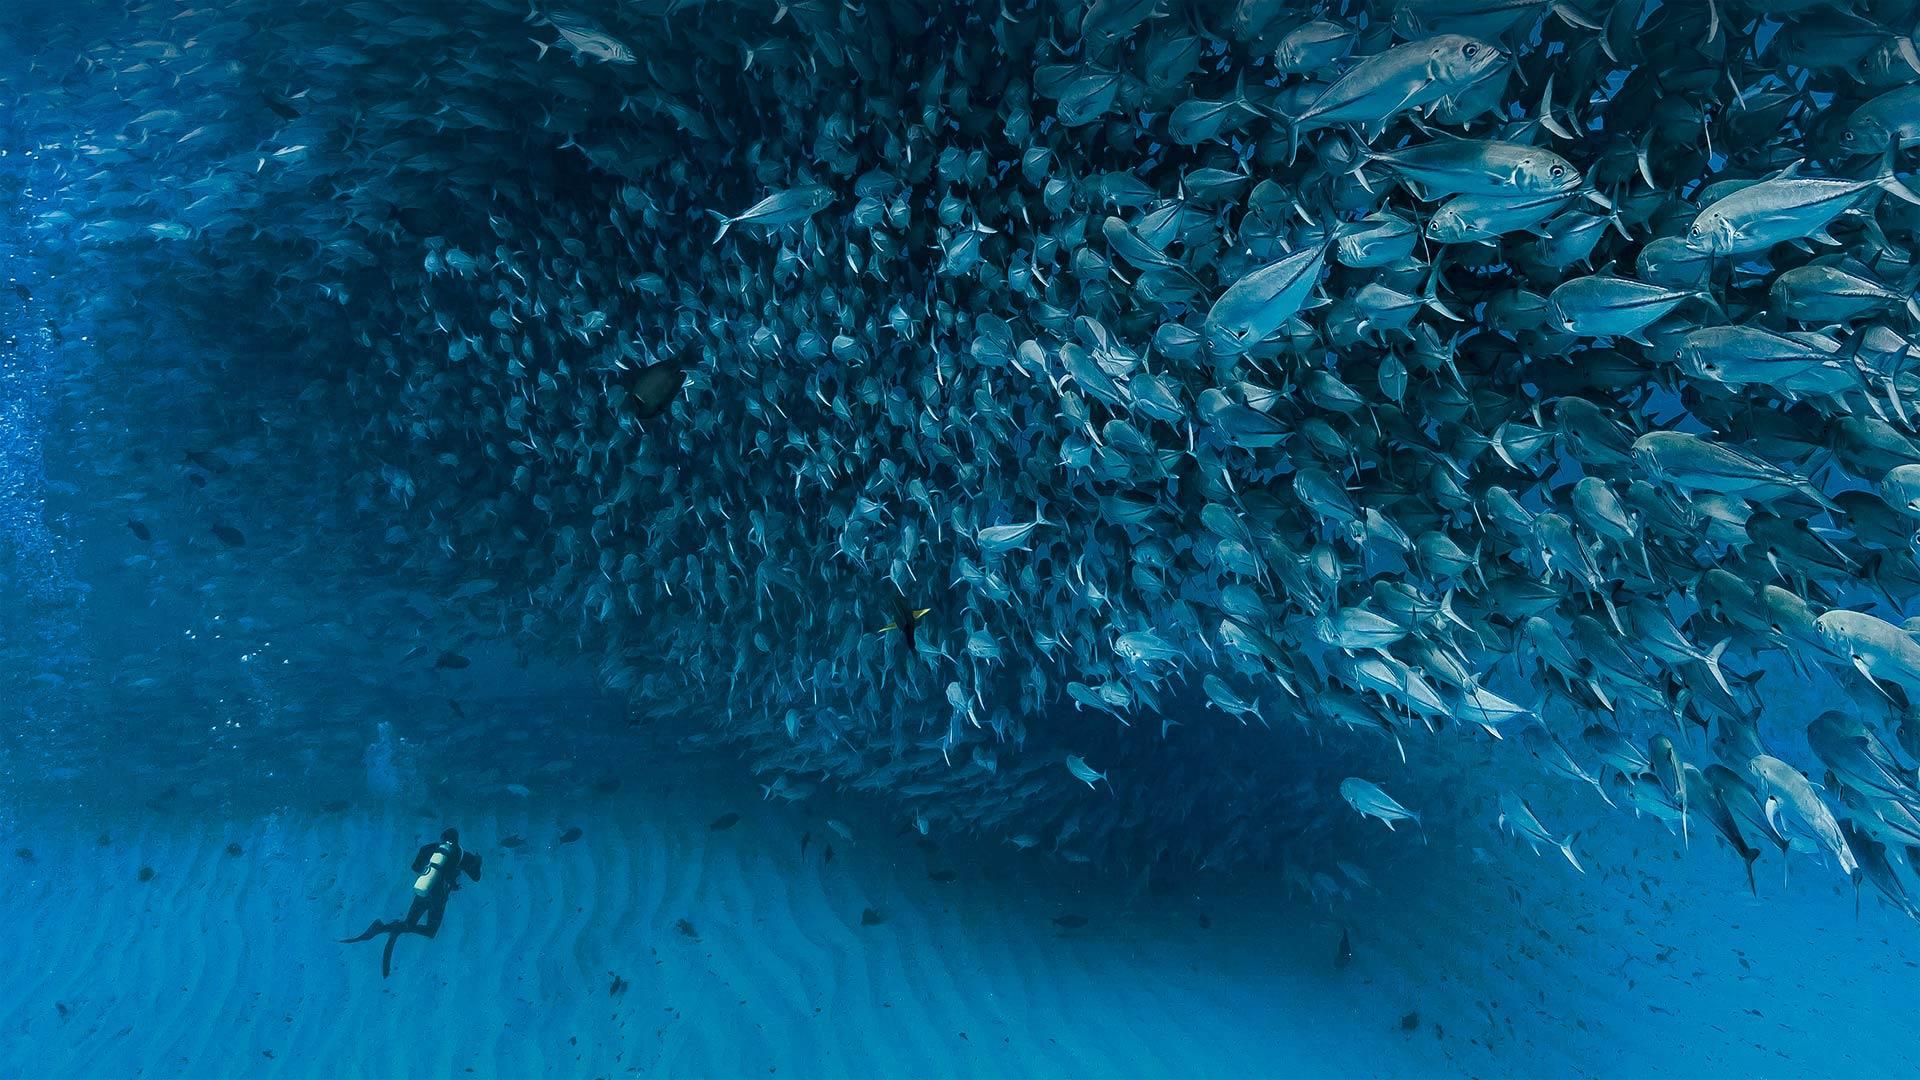 加利福尼亚湾中数千条杰克鱼成群游动,墨西哥普尔莫角国家公园